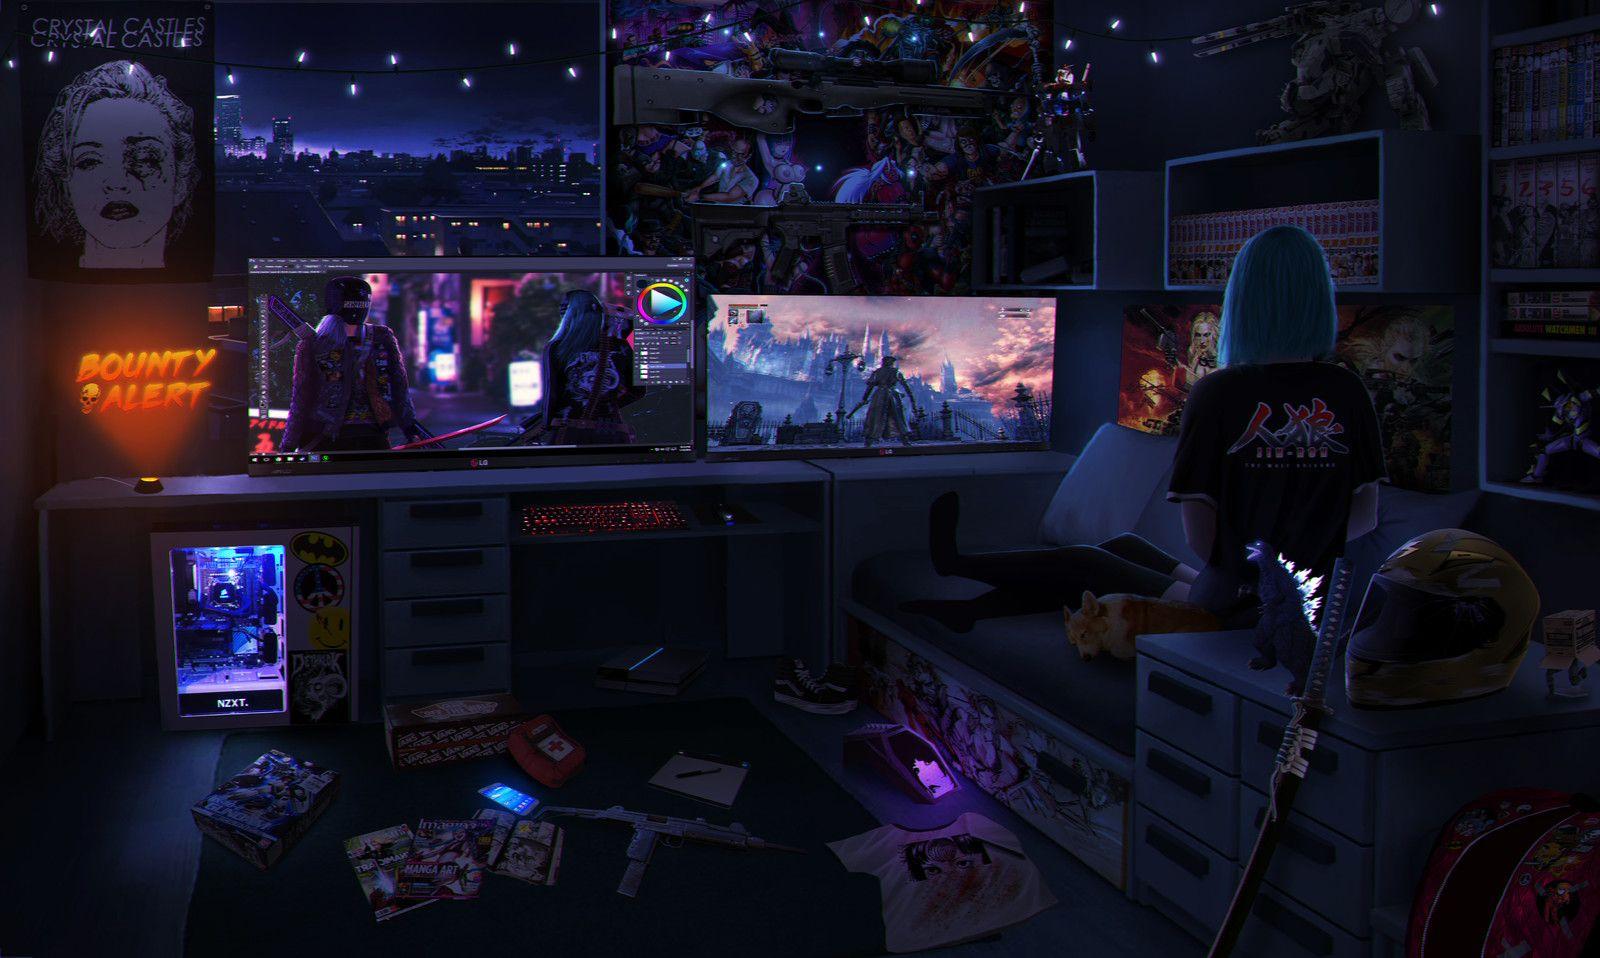 Character Room Design Nishio On Artstation At Https Www Artstation Com Artwork Akwnn In 2020 Cyberpunk Aesthetic Cyberpunk Cyberpunk Art